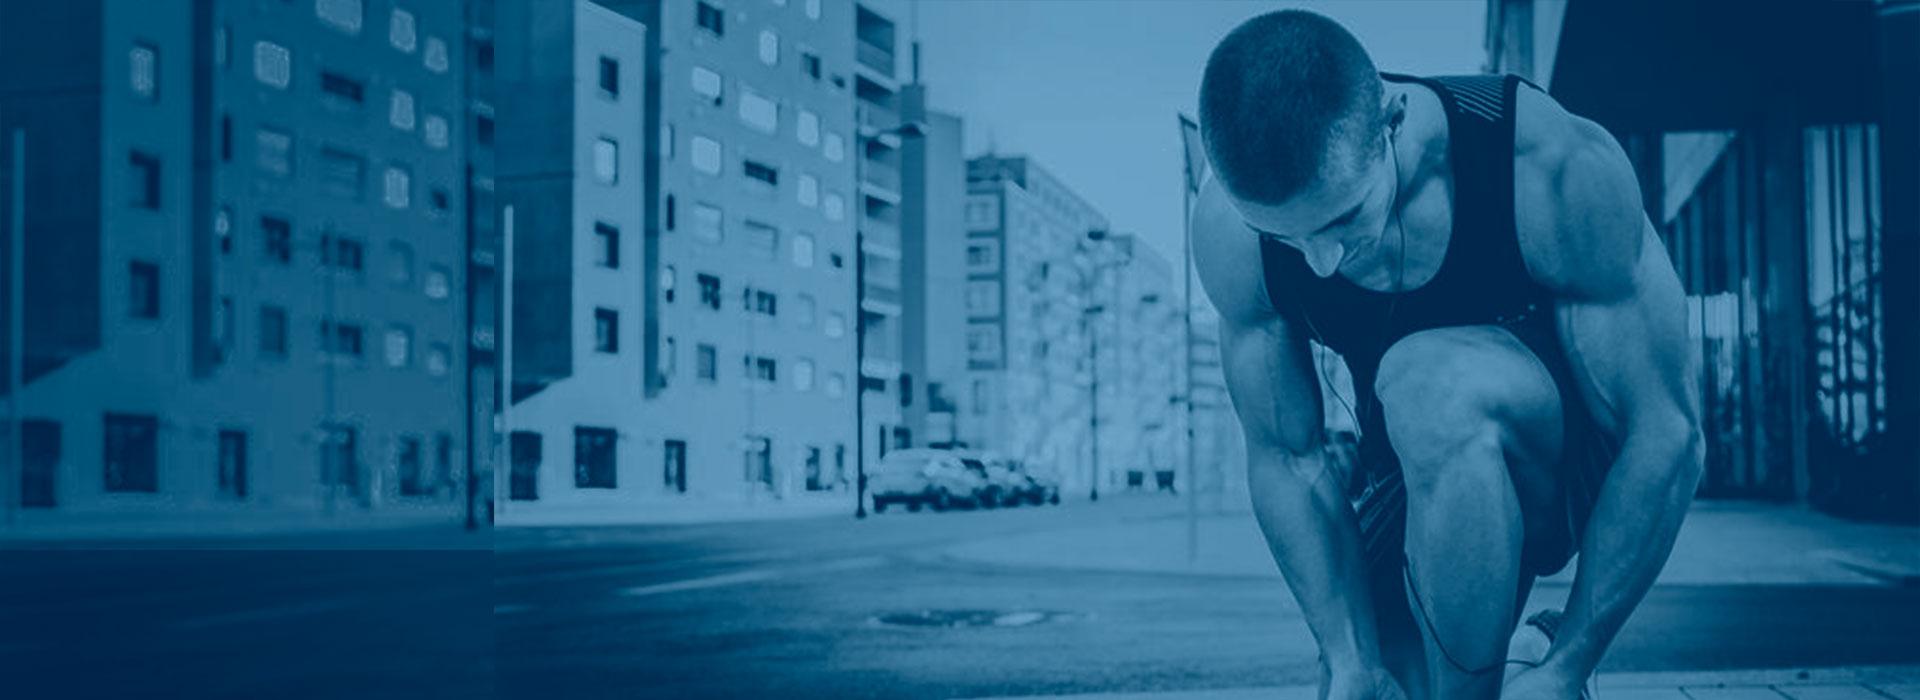 healthia imagen cabecera partners club corredores